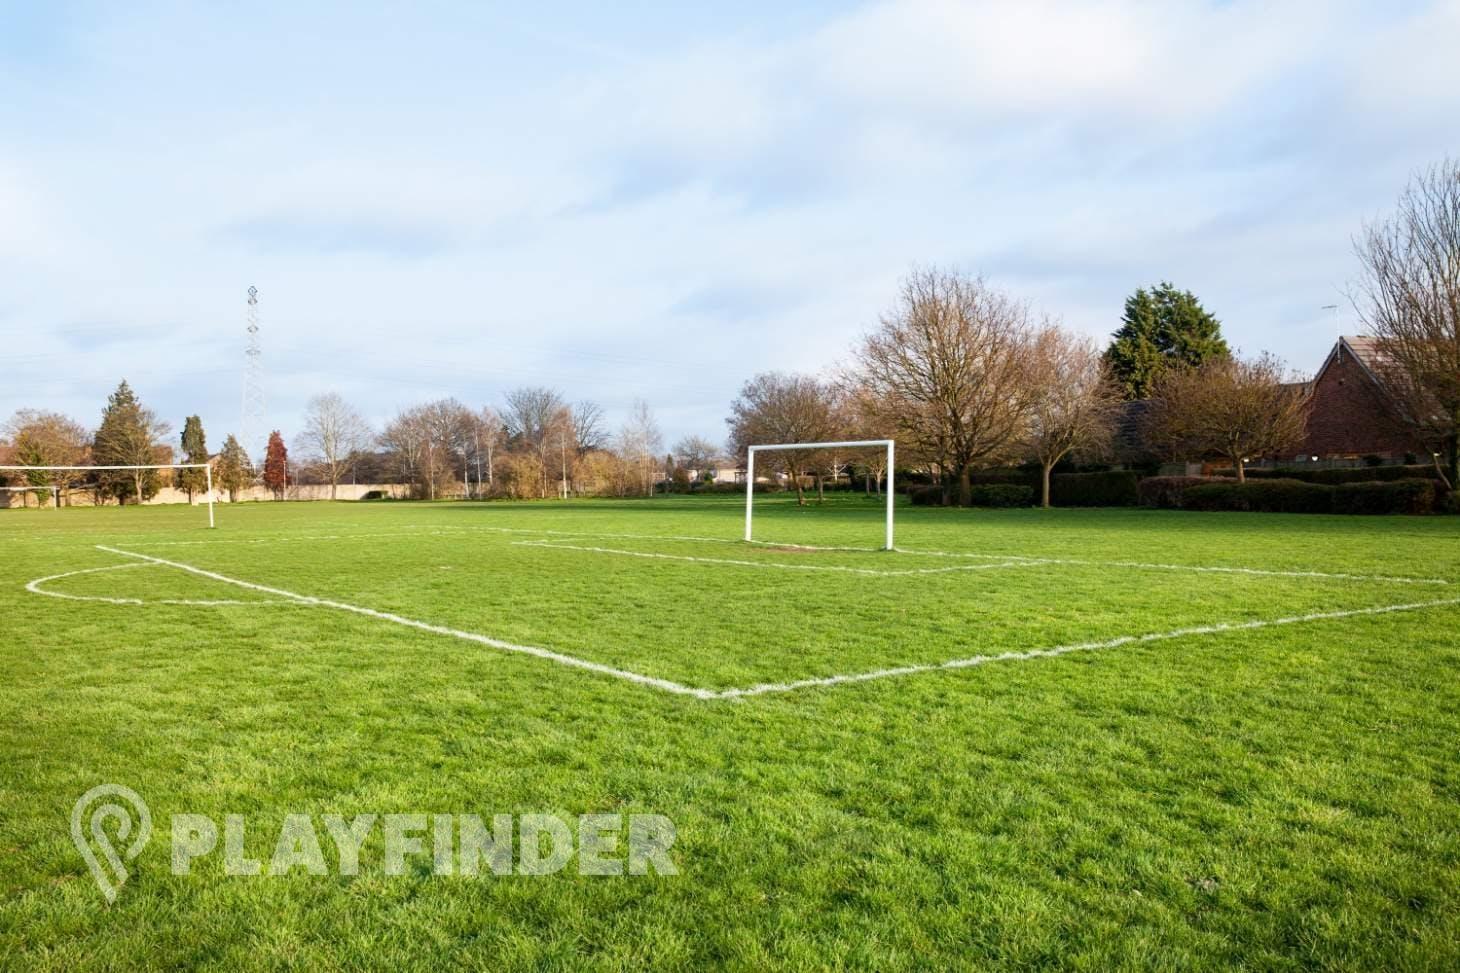 Allen Park 7 a side   Grass football pitch